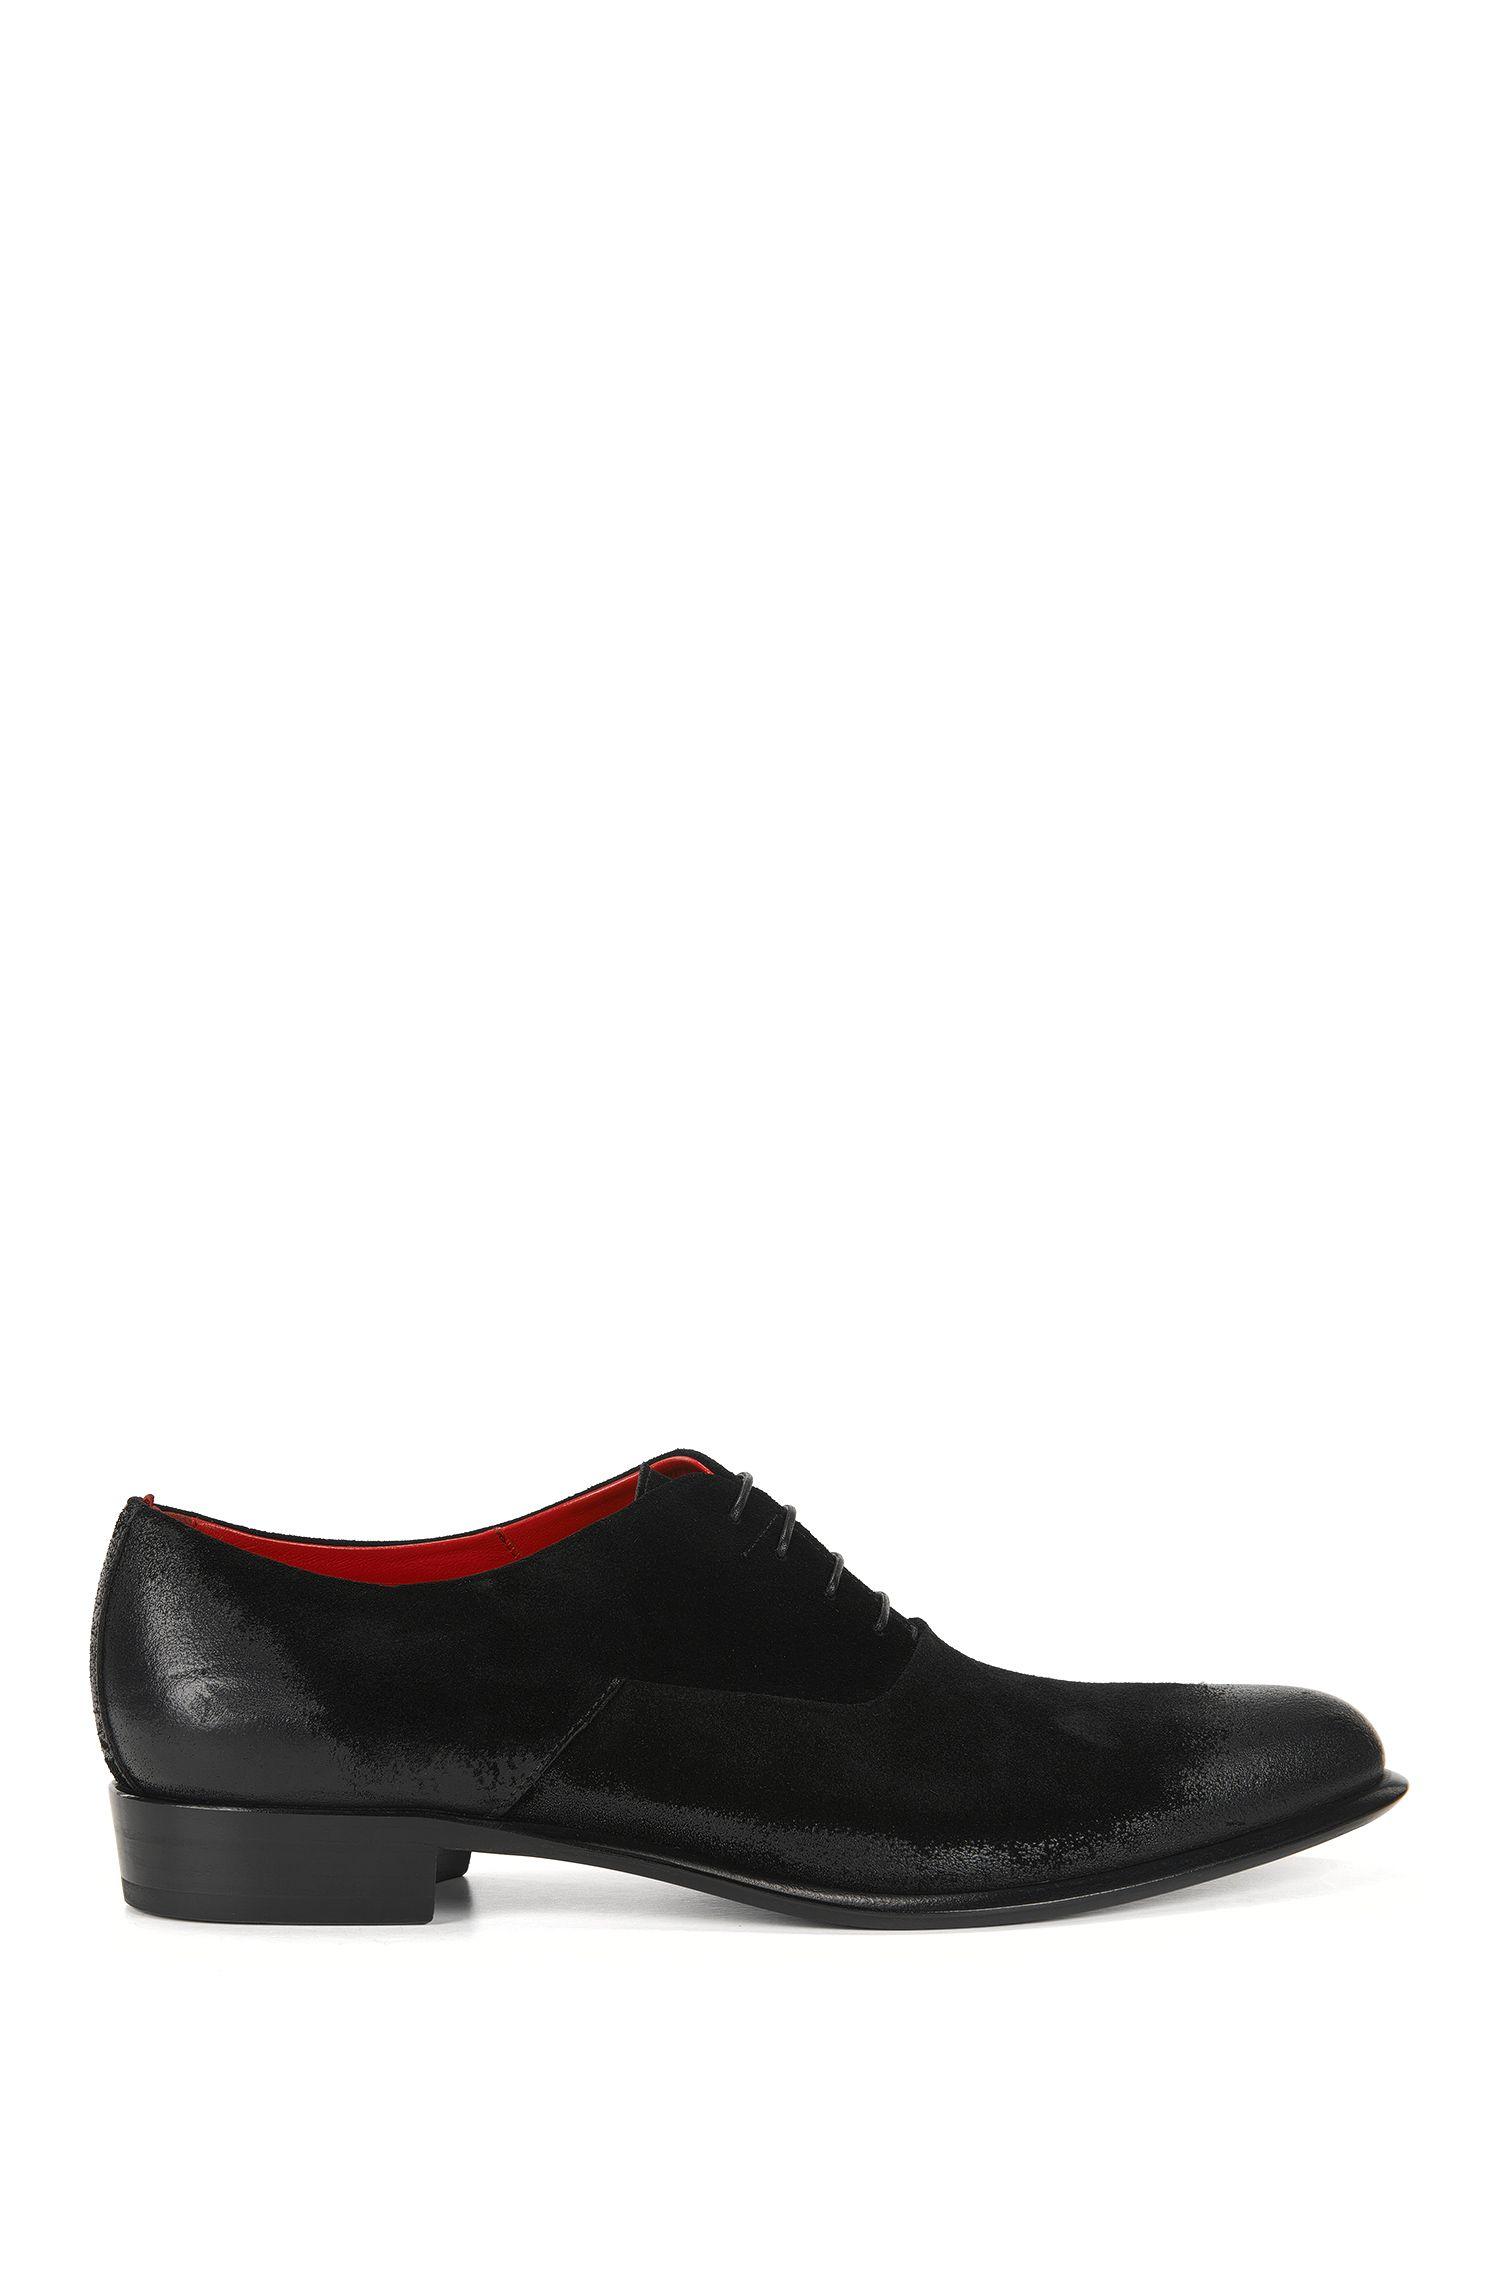 Chaussures Oxford en daim brossé